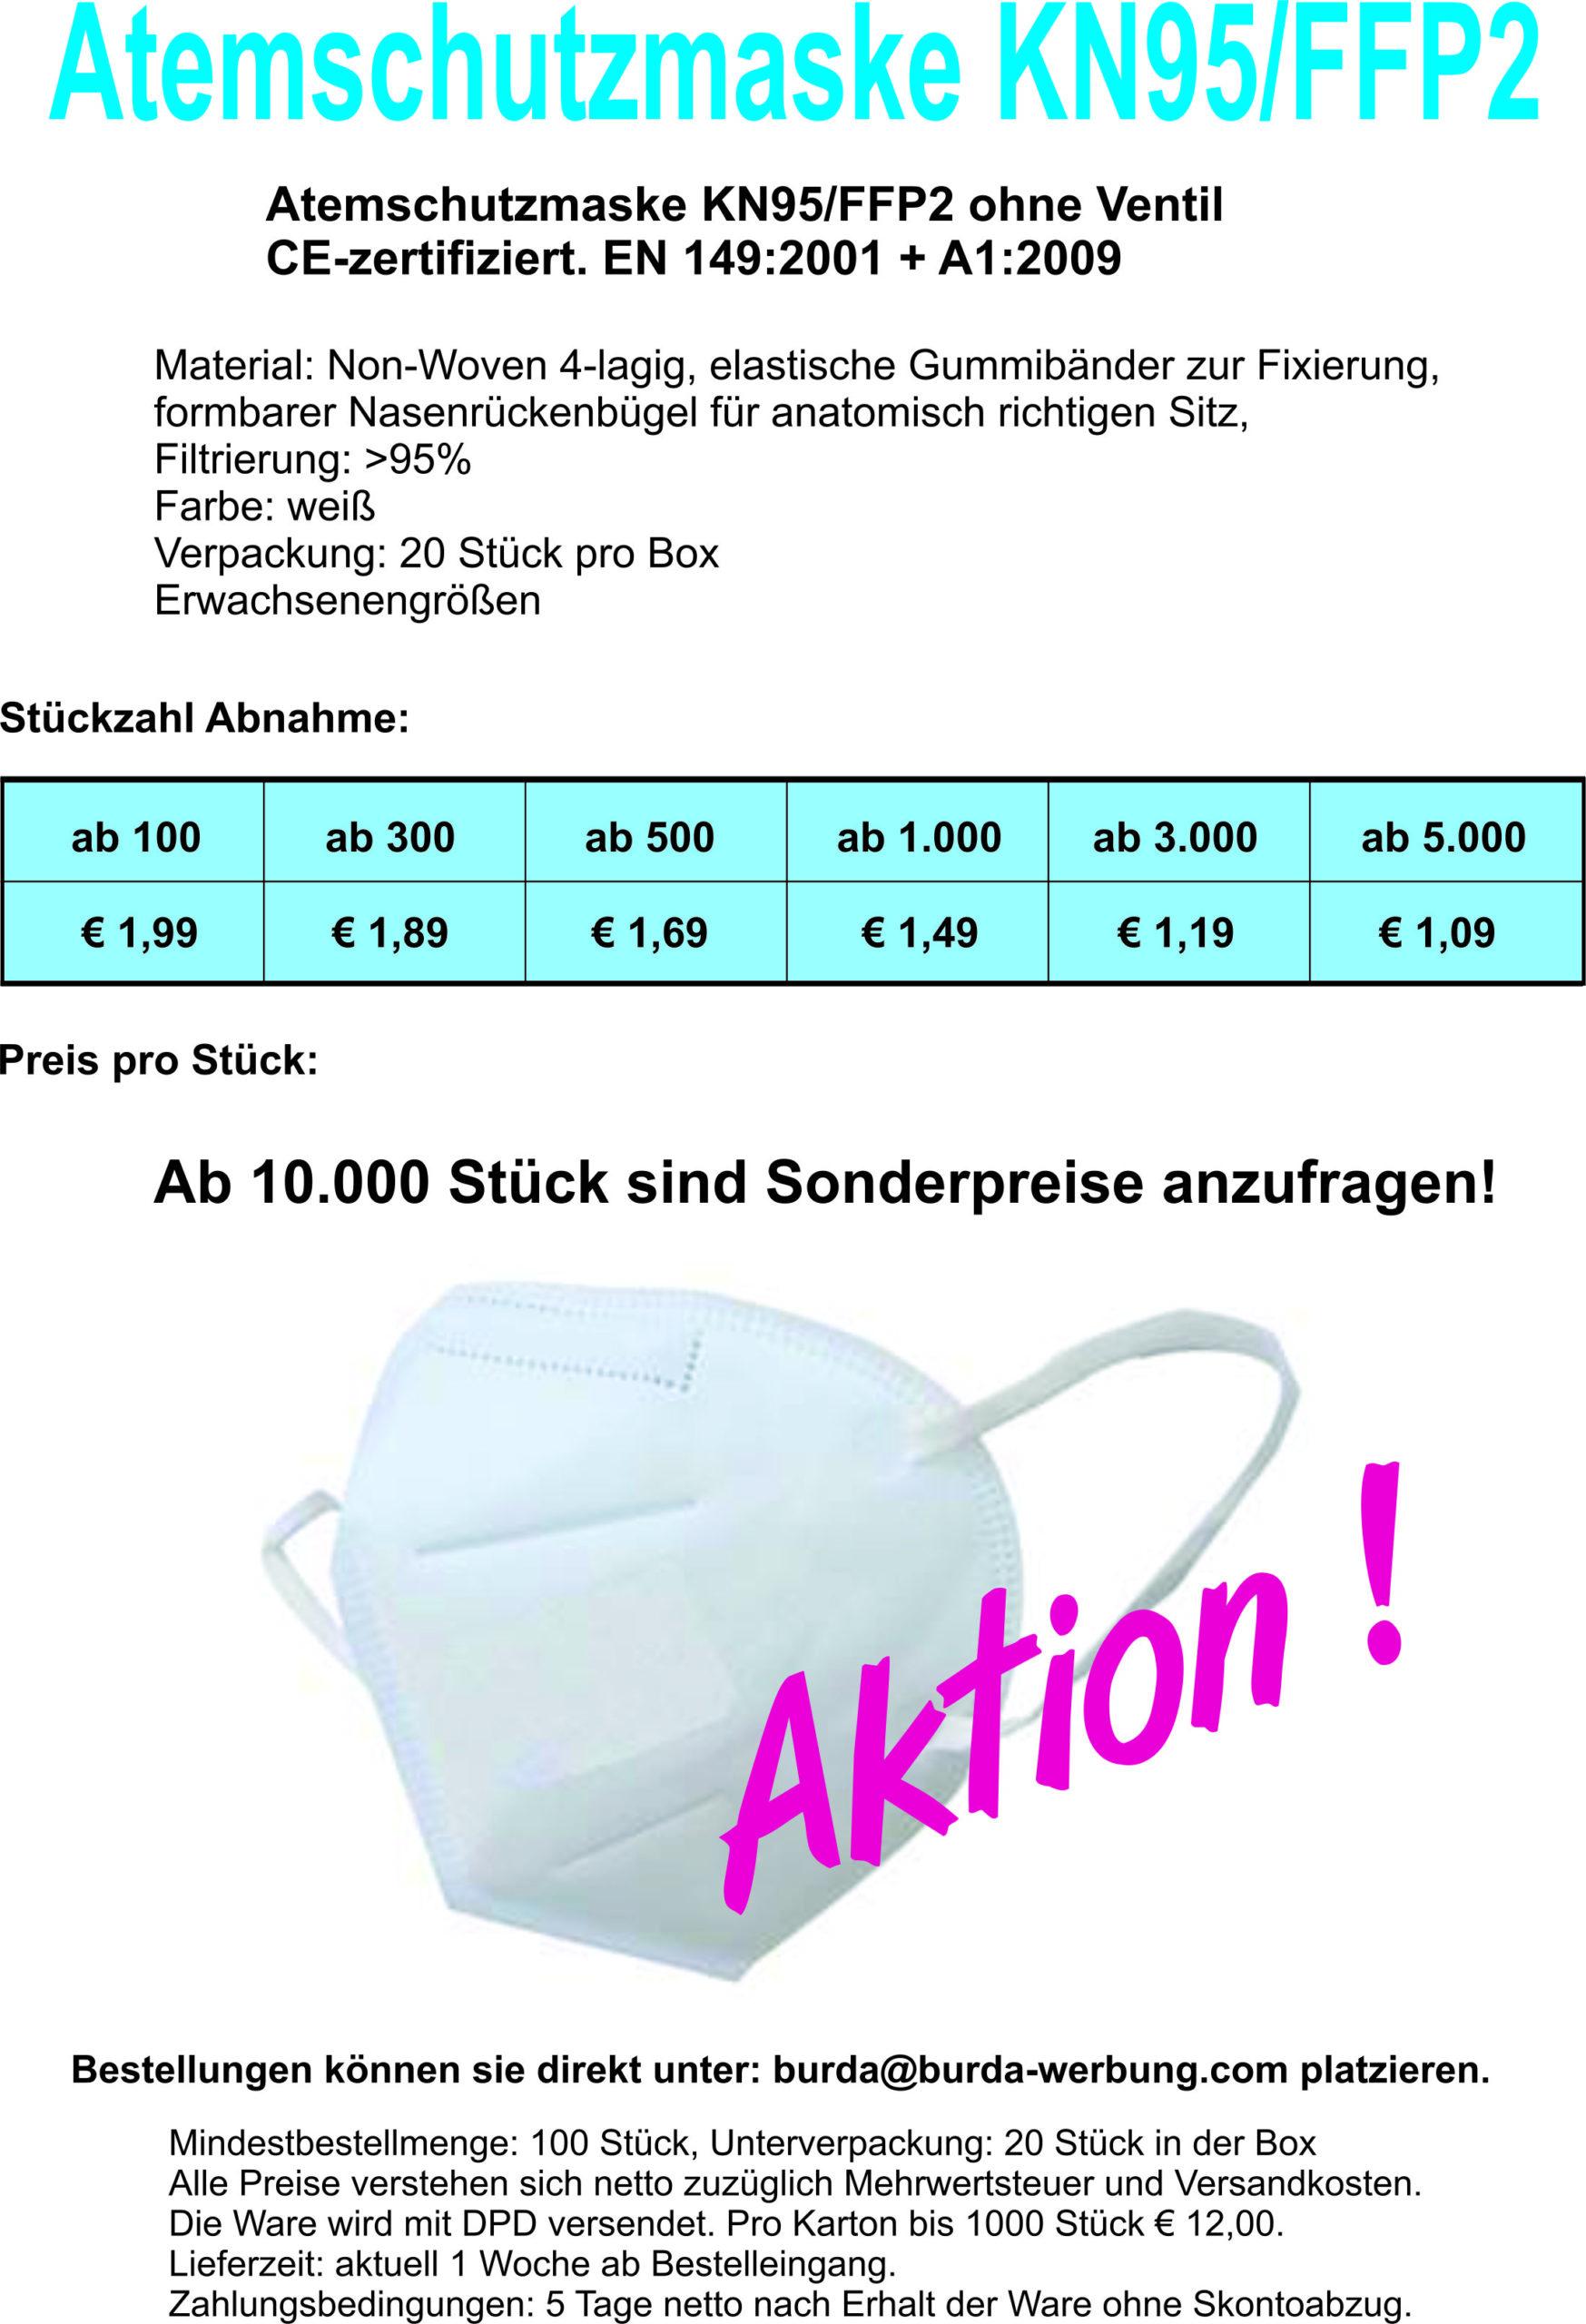 Flyer Atemschutzmaske KN 95FFP2